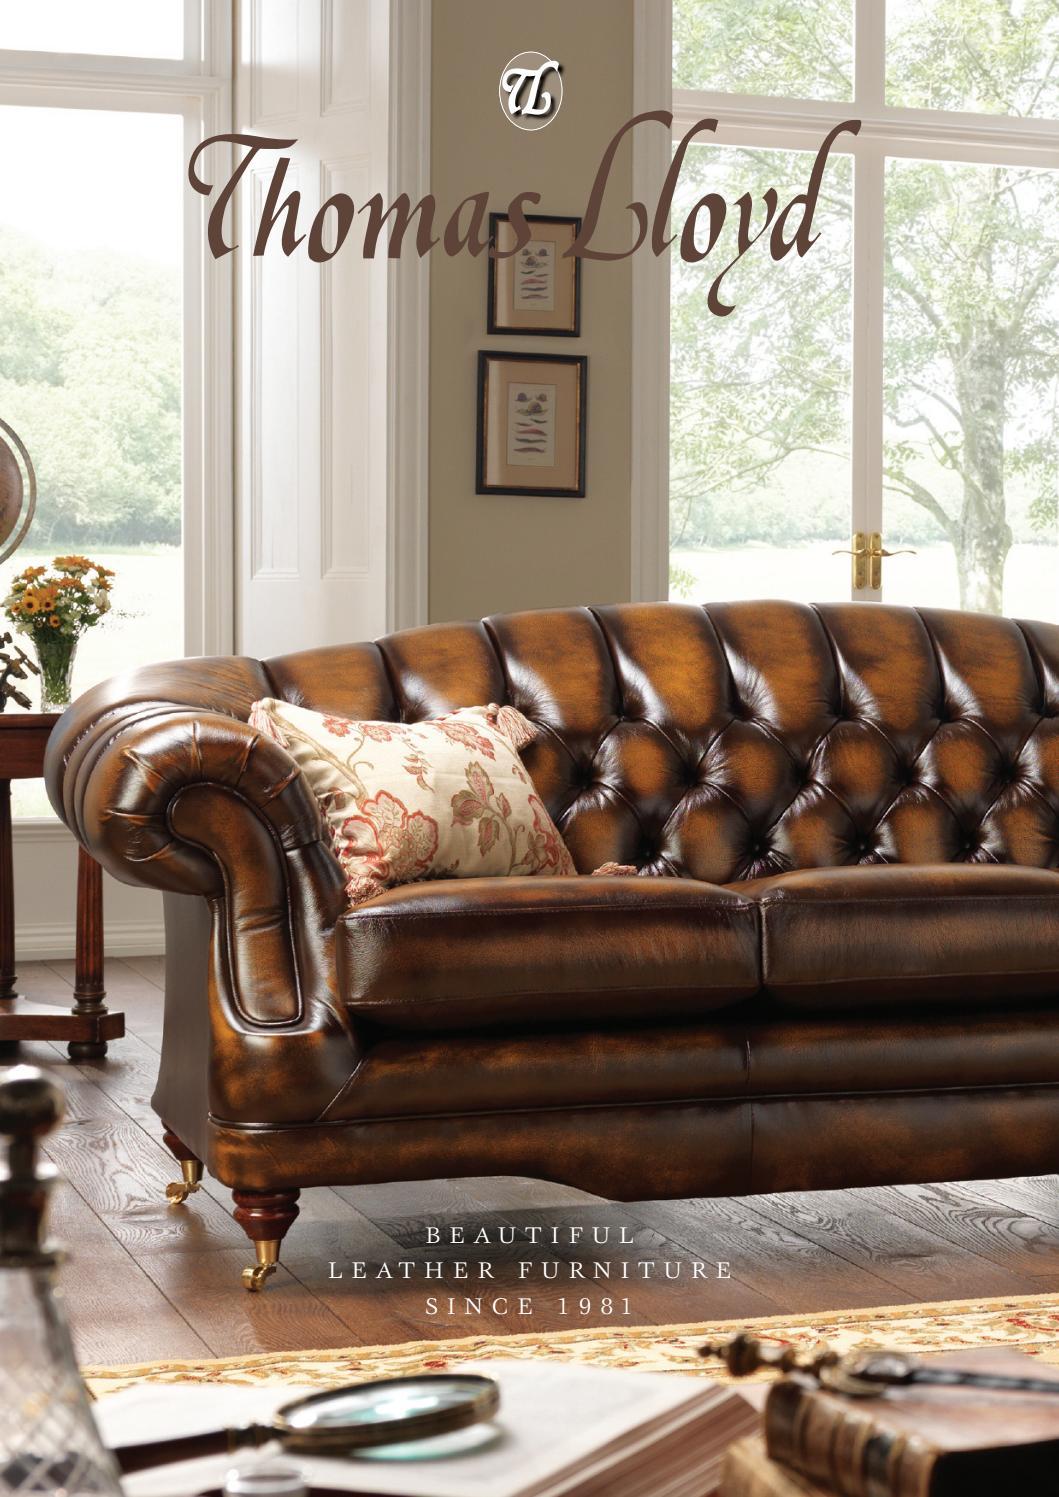 Thomas Lloyd Furniture Brochure By Thomas Lloyd Issuu